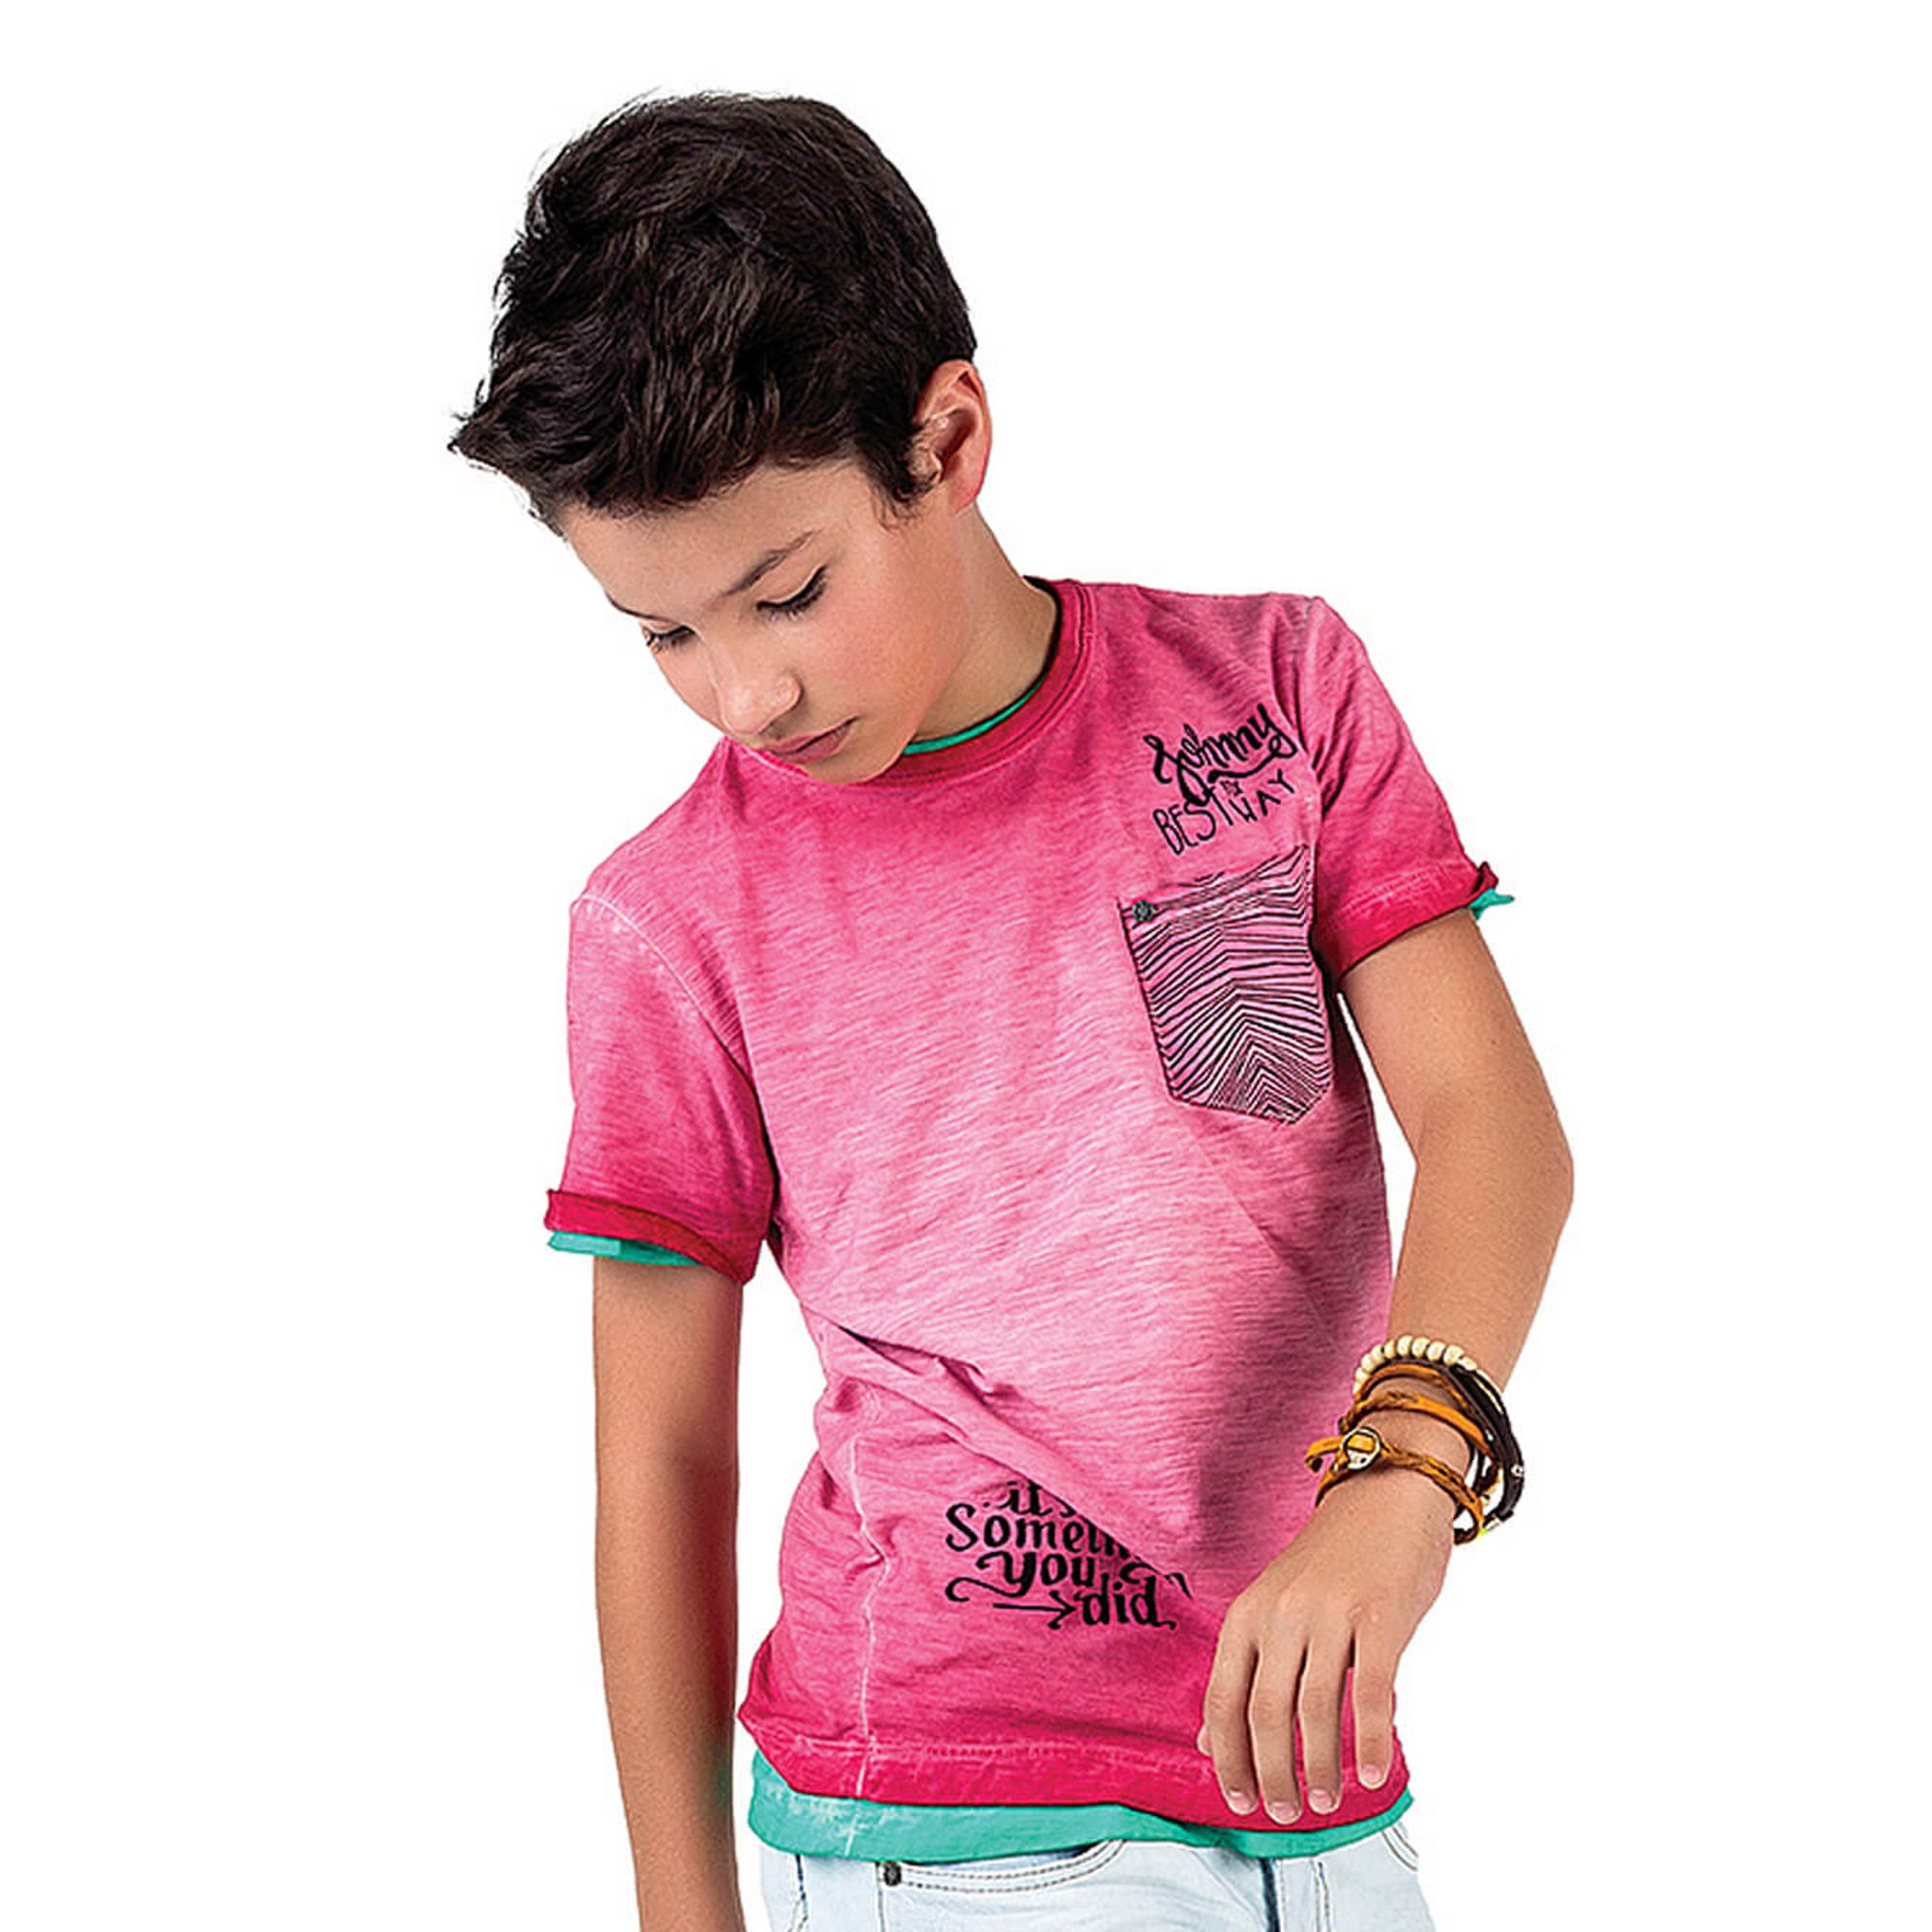 Camiseta Menino Malha Flamê Estonada Carmim com Bolso Johnny Fox EcaMeleca f5dafd3dfdd